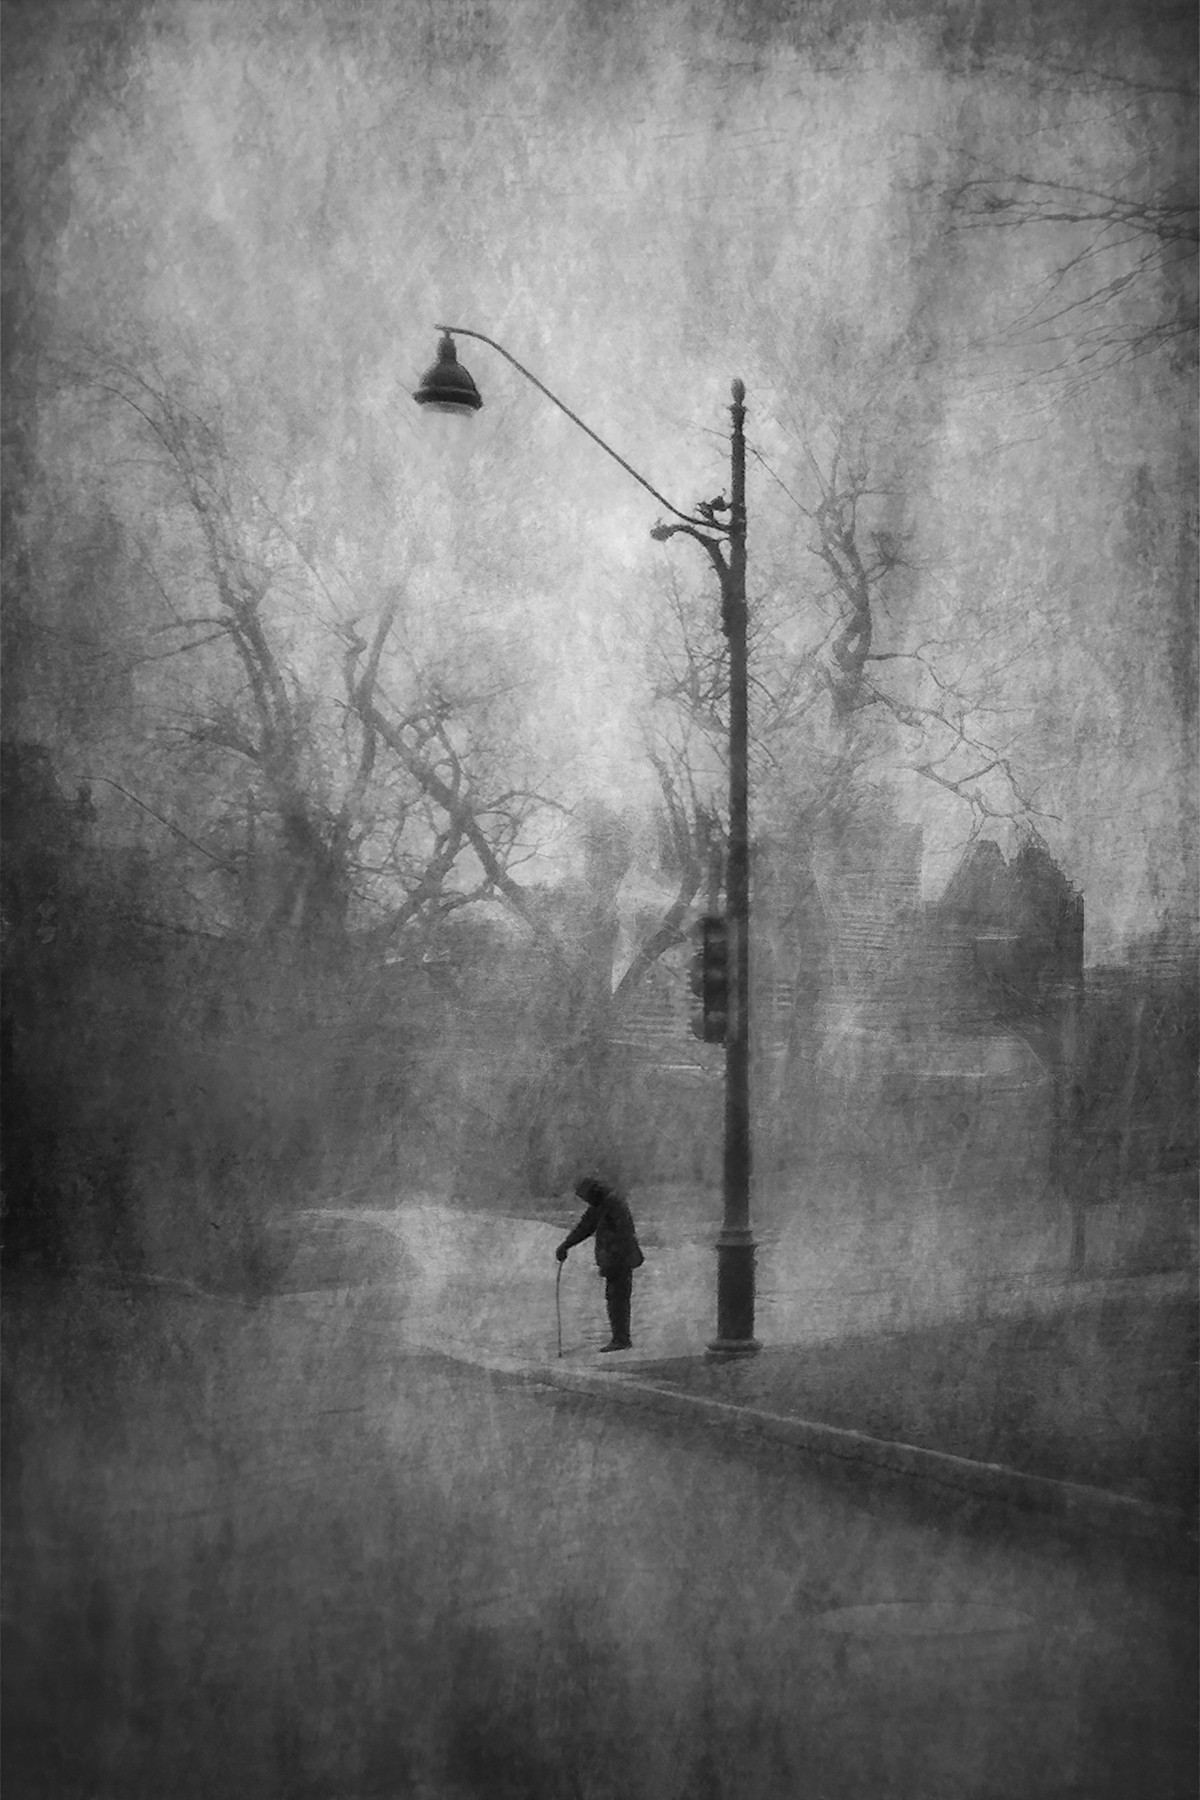 Долгая дорога домой. Автор Даниэль Кастонгуэй